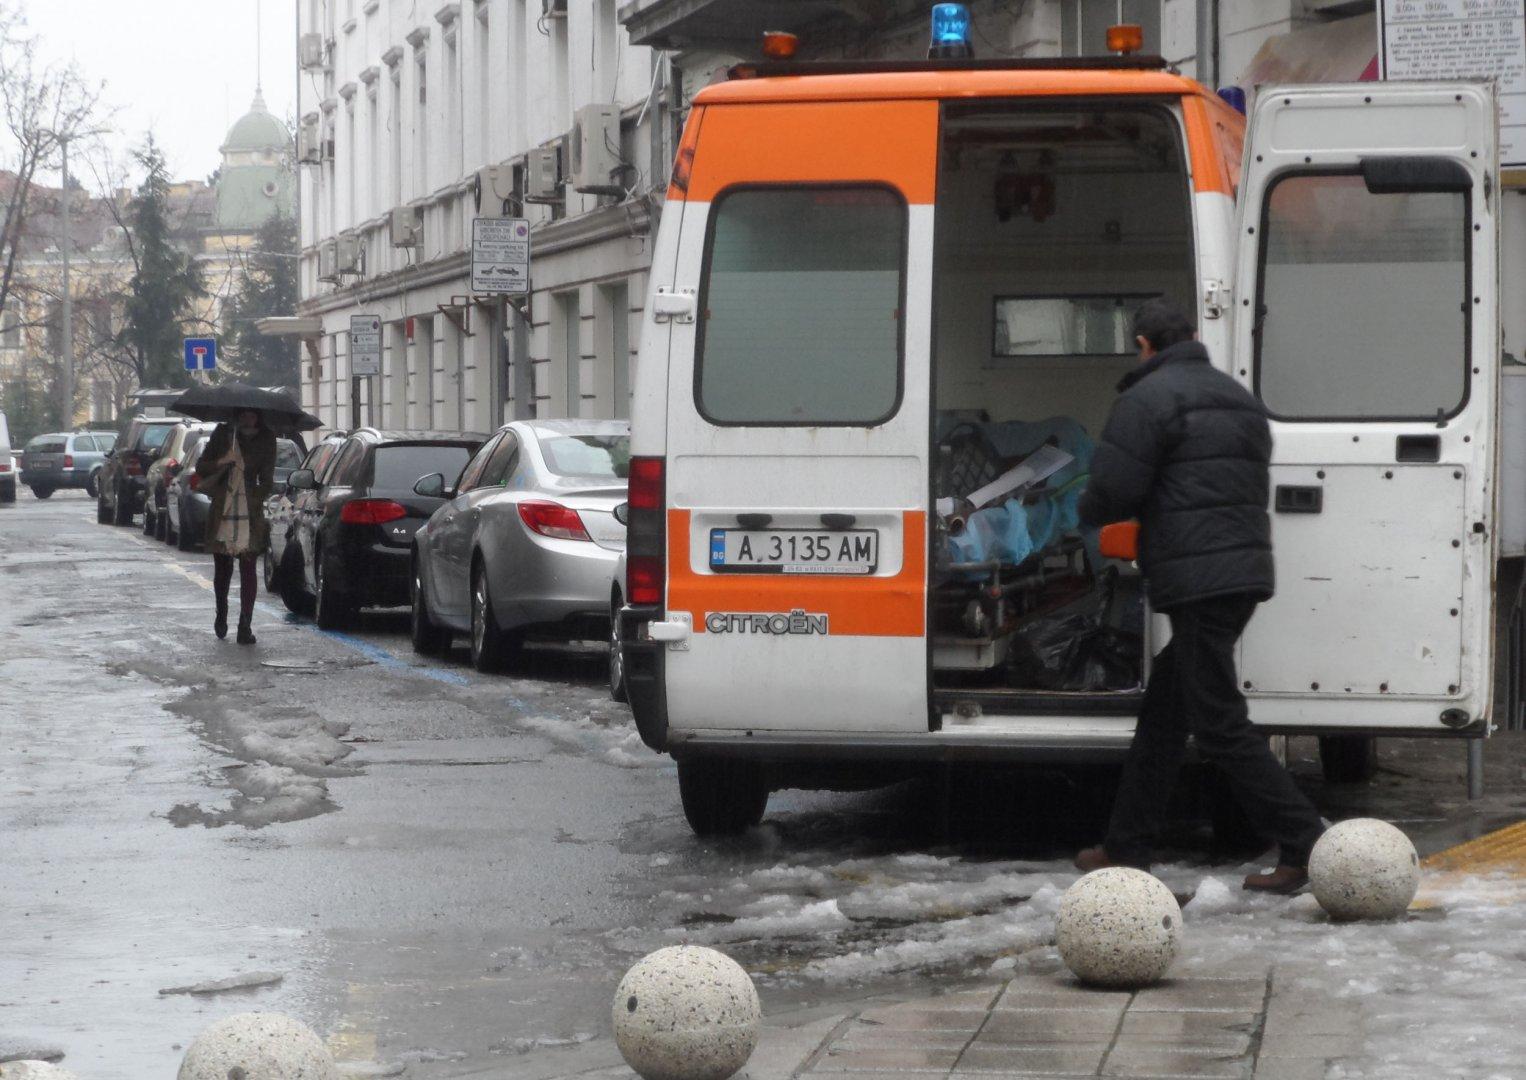 Няколко малки улички в централната част на Бургас ще бъдат ремонтирани. Снимки Лина Главинова